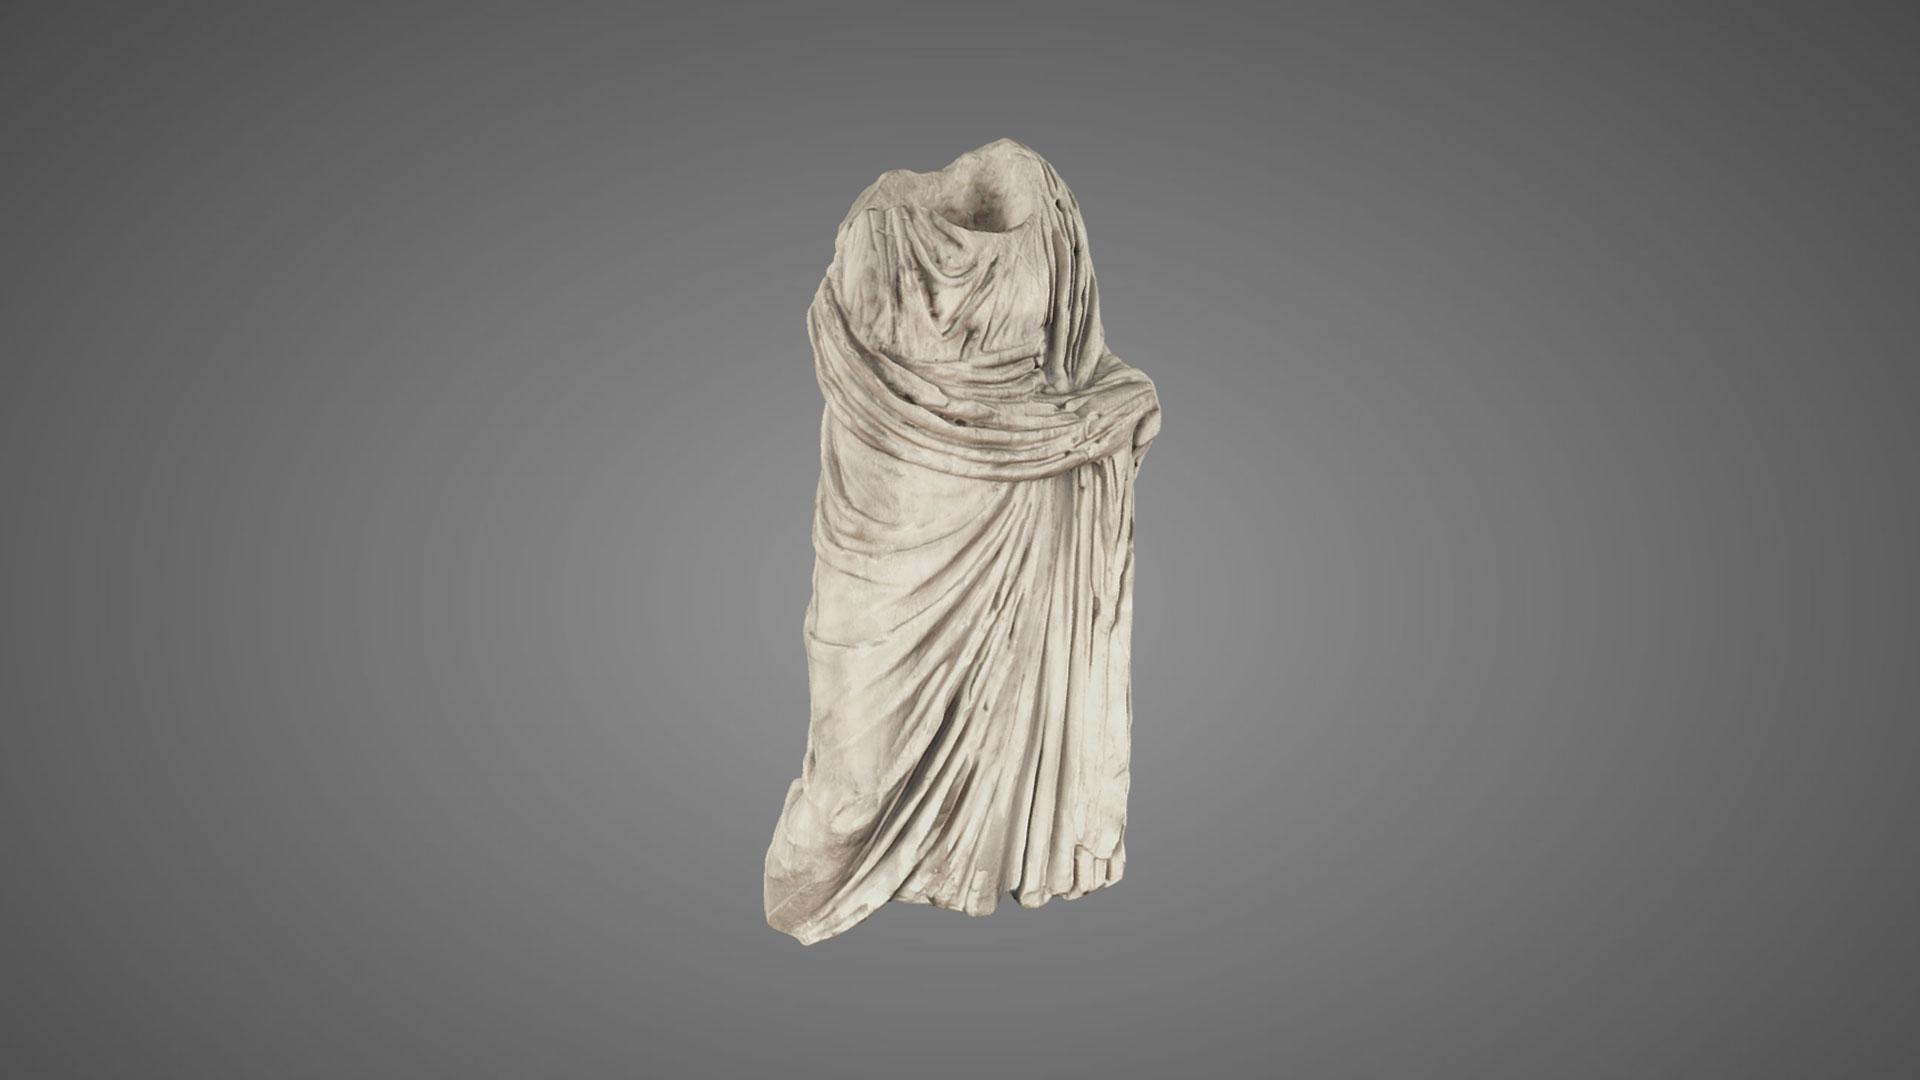 Statuetta Femminile Drappeggiata - 3D Model